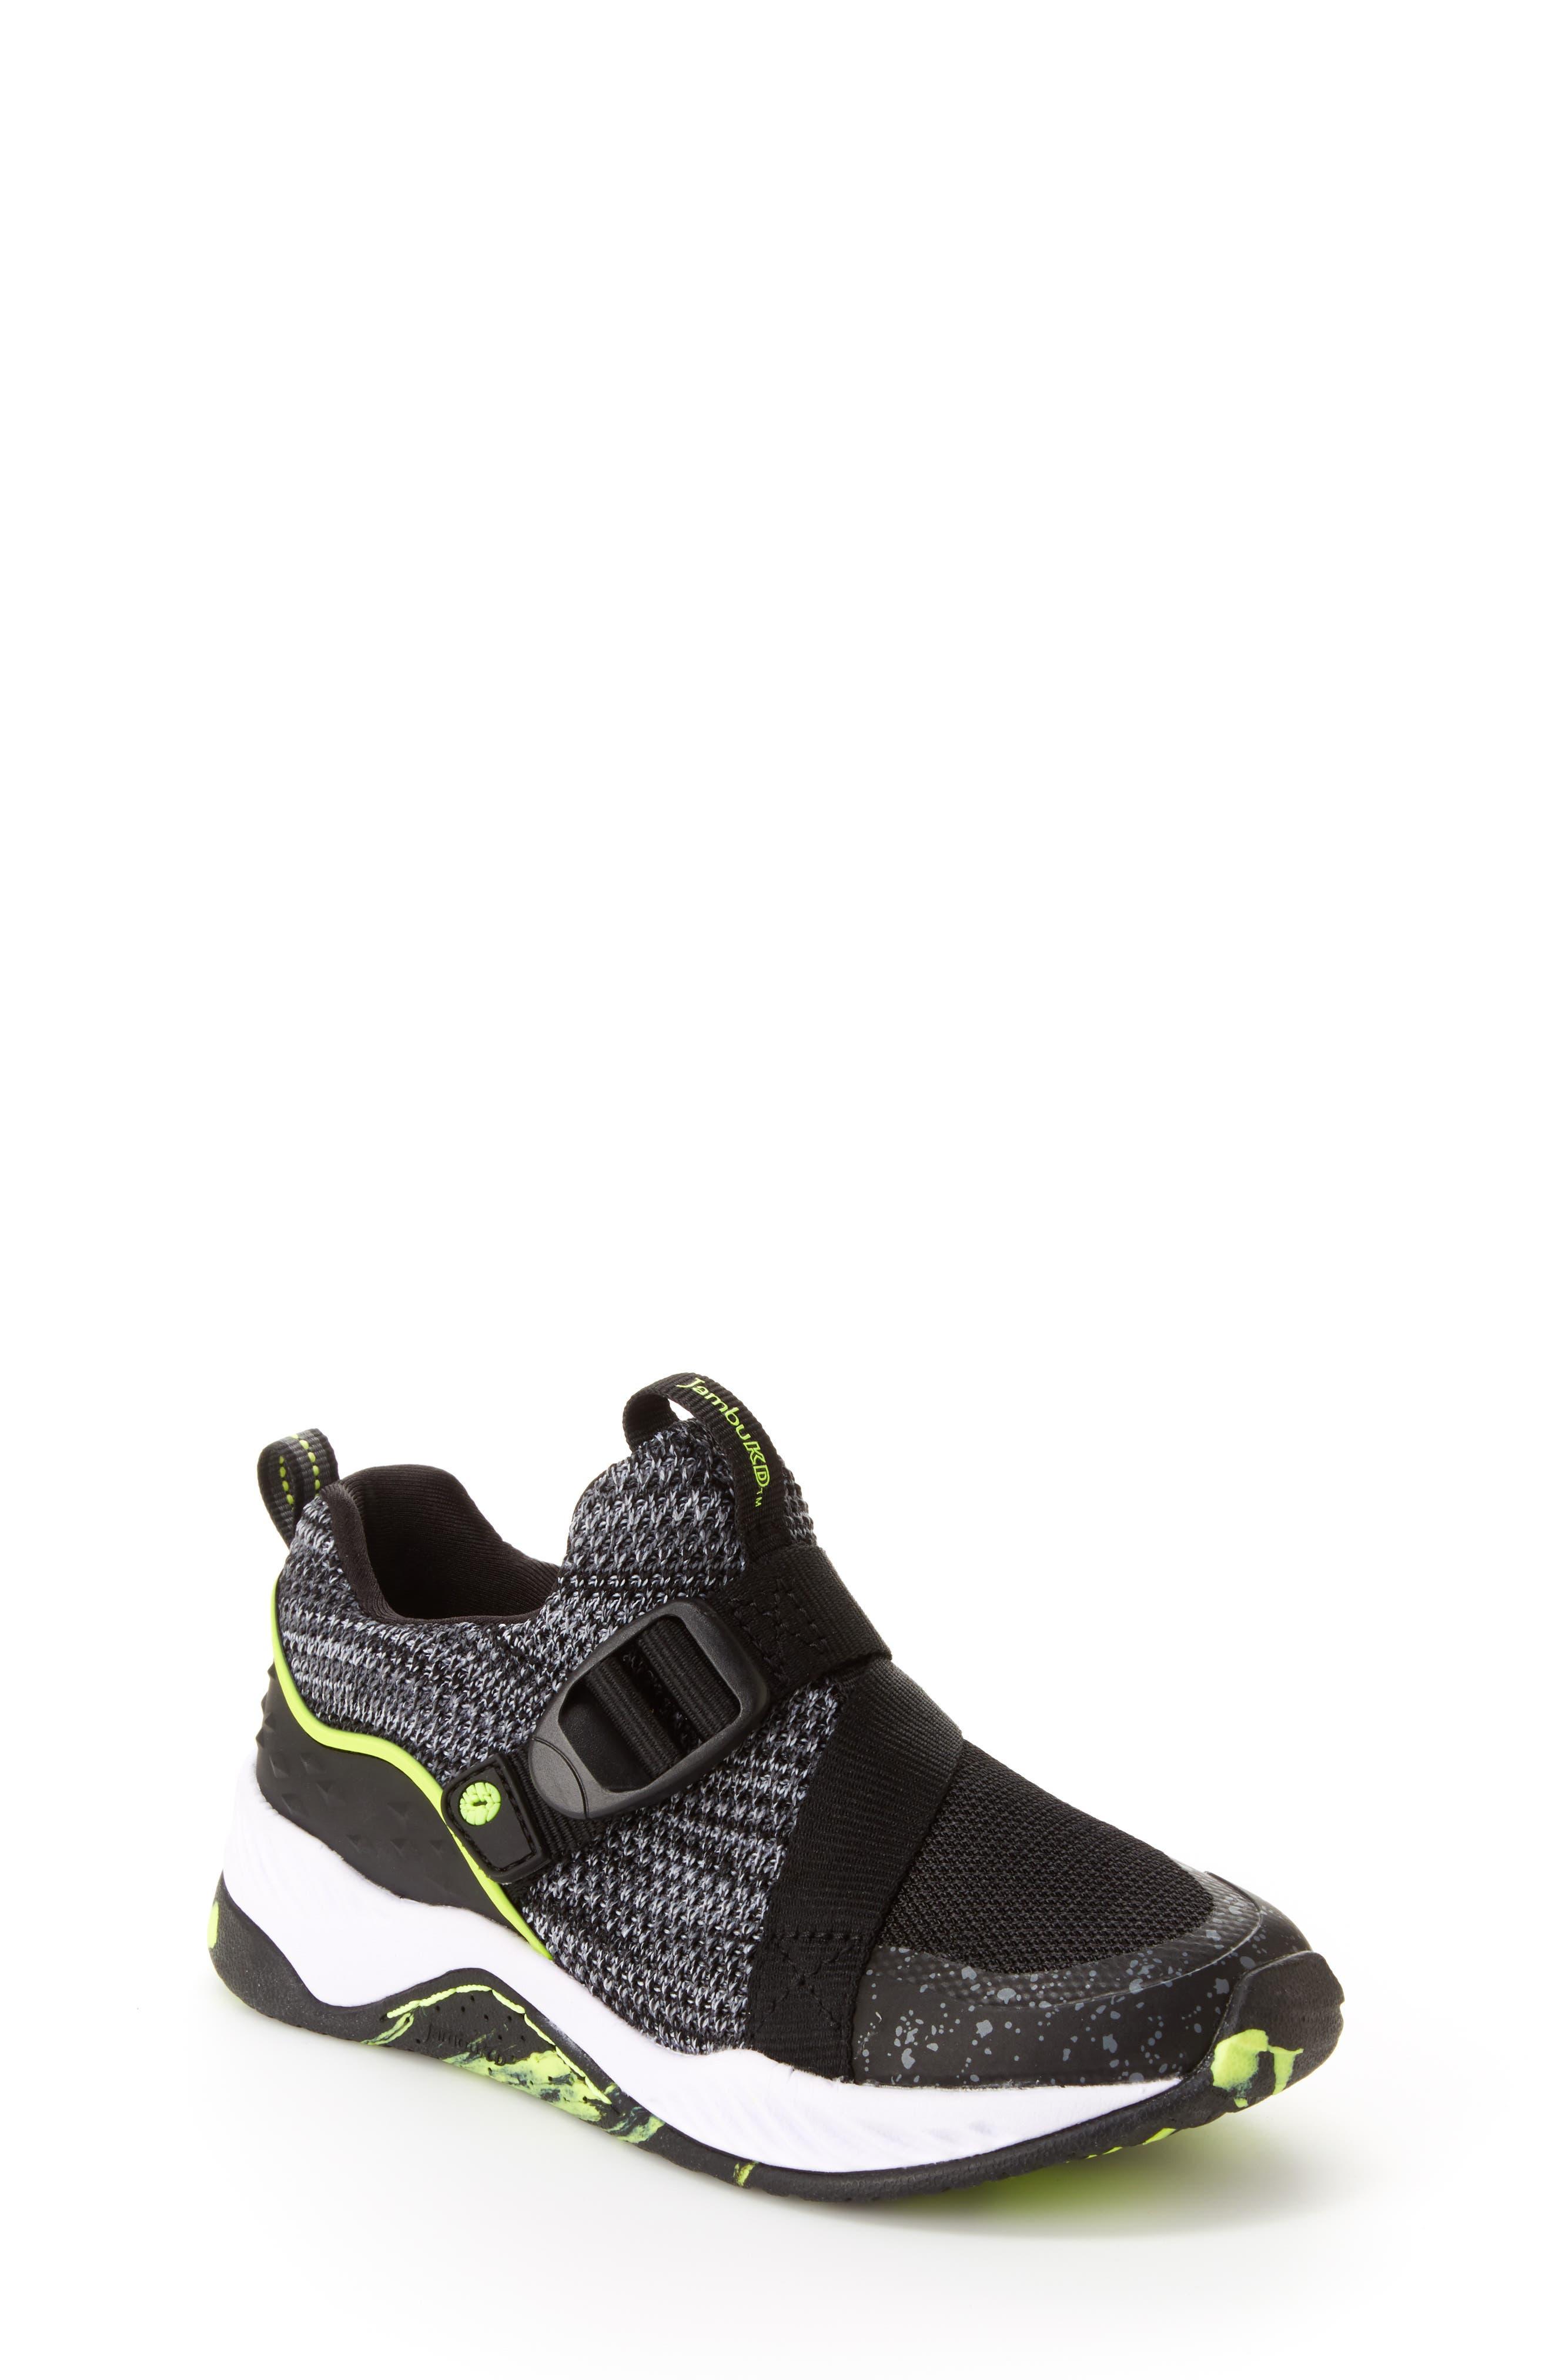 JAMBU, Rowan Sneaker, Main thumbnail 1, color, 001